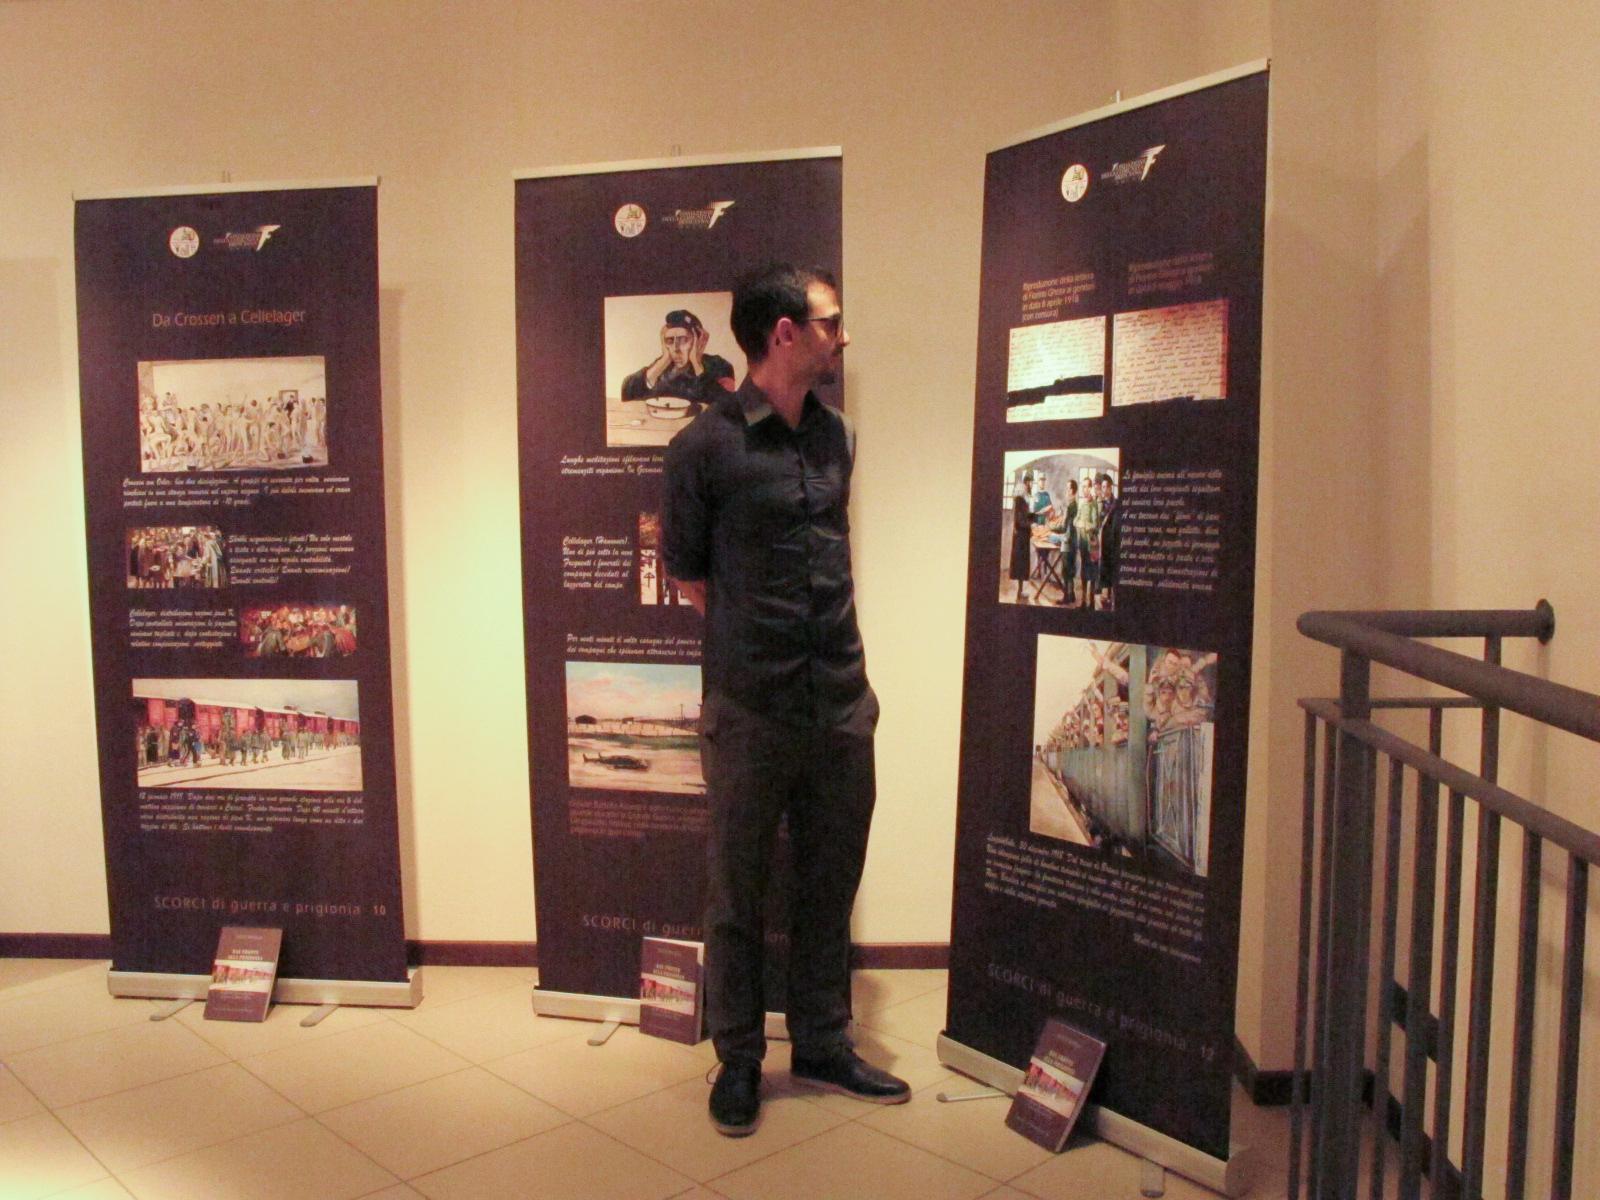 28_inaugurazione-mostra-scorci-di-guerra-e-prigionia-Temù_26-luglio-2019